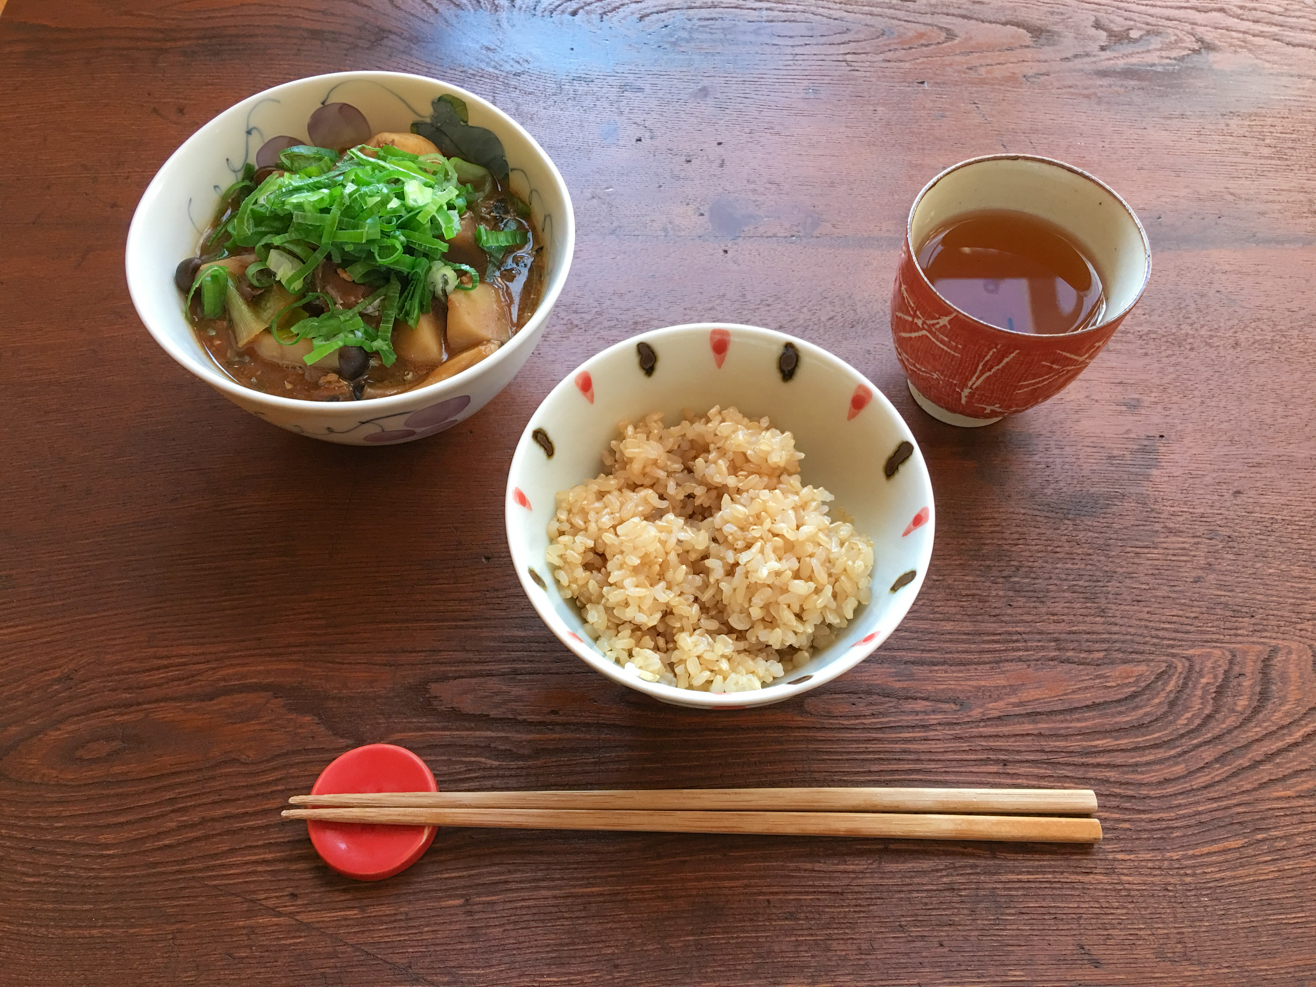 鯖缶味噌汁ご飯とお茶の写真